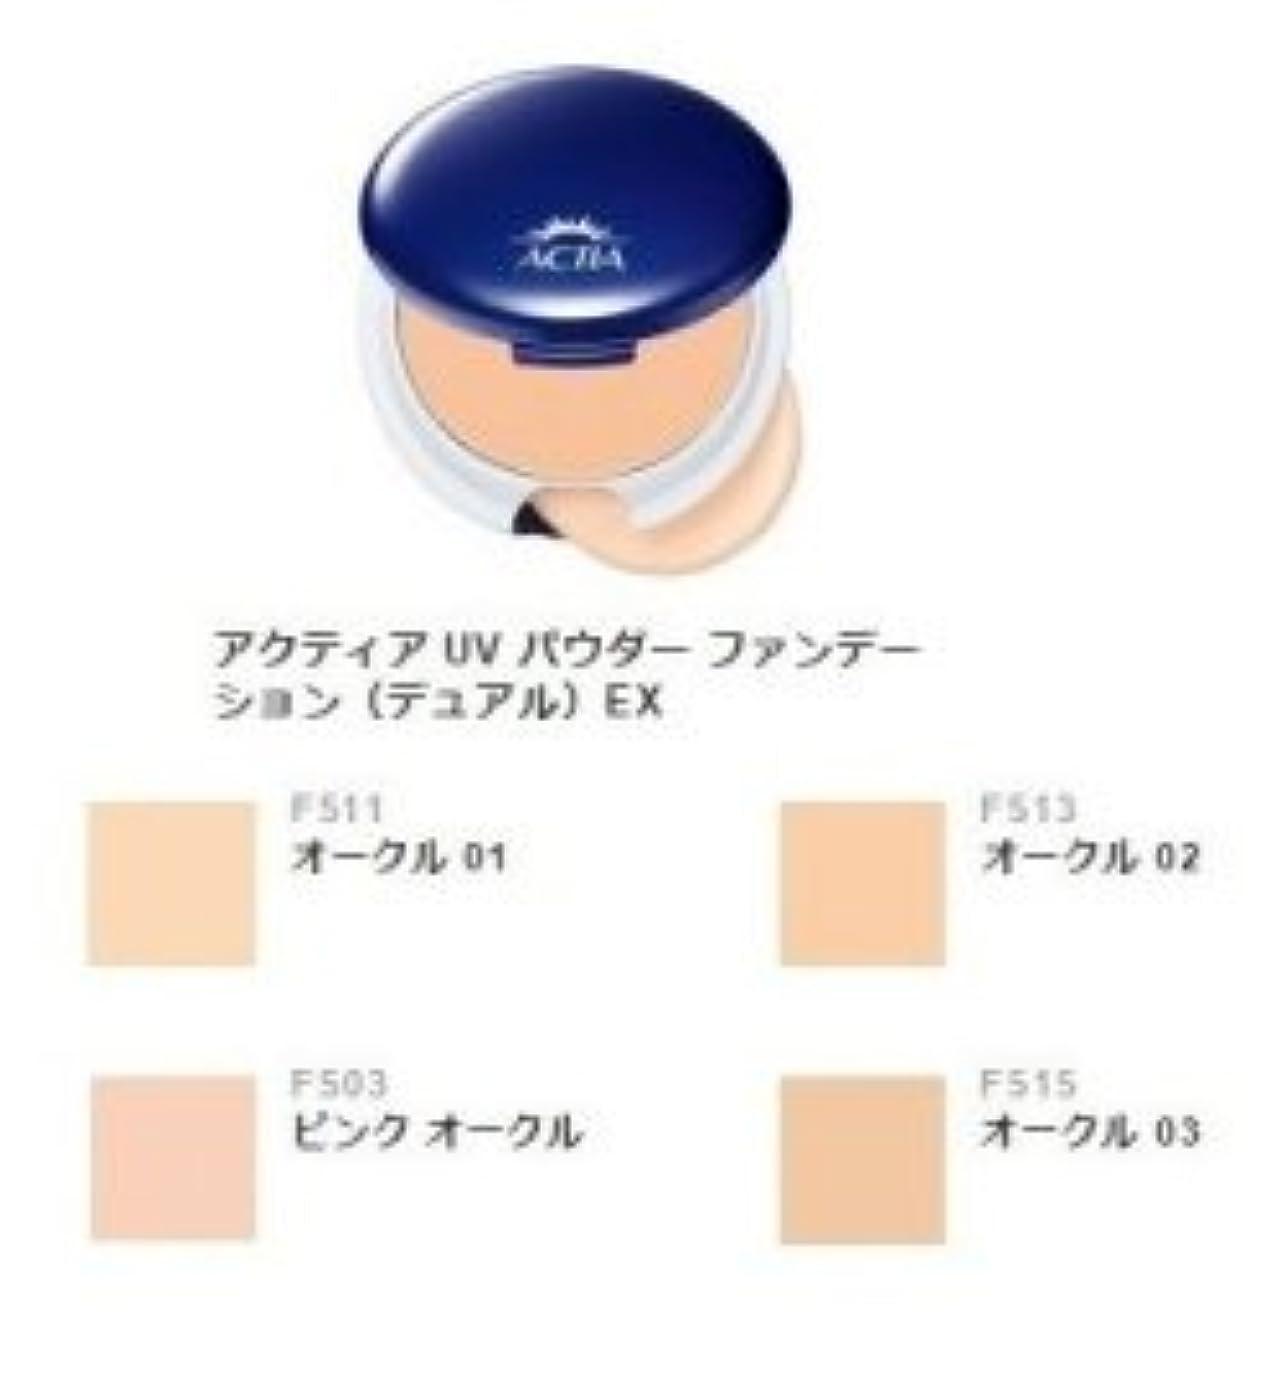 解釈ピグマリオンヘッジエイボン(AVON) アクティア UV パウダーファンデーション(デュアル)EX(リフィル) F503 ピンクオークル